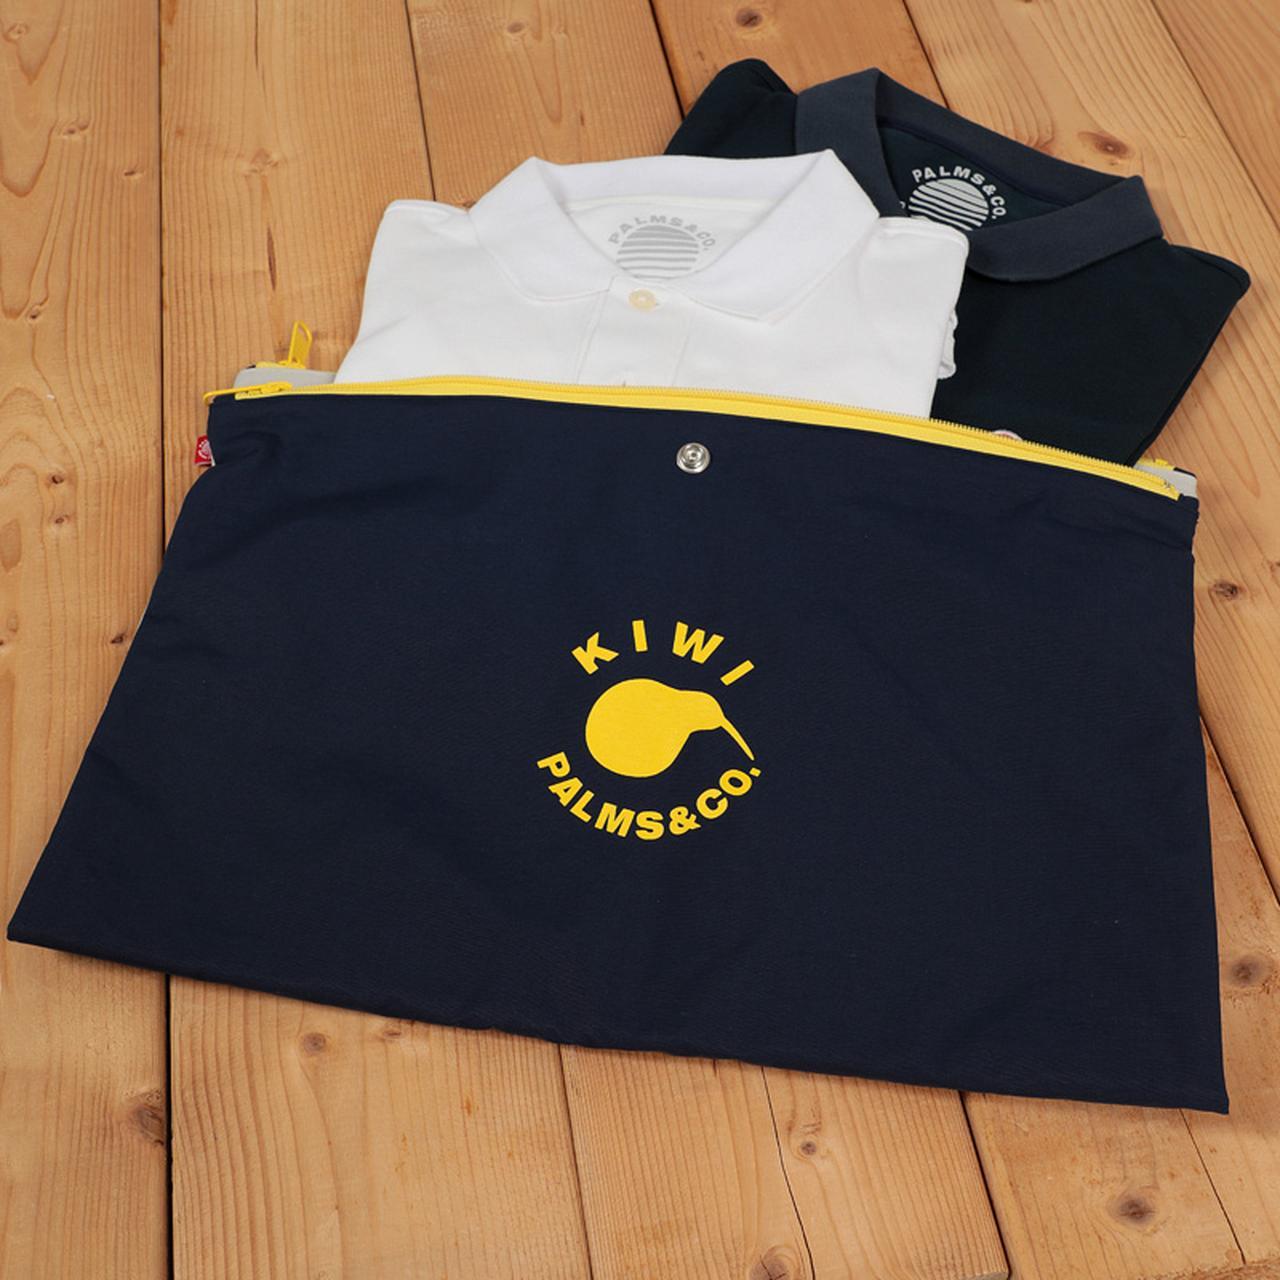 画像: 【ゴルフも旅行も大活躍】KIWI&CO.バッグインバッグ-ゴルフダイジェスト公式通販サイト「ゴルフポケット」